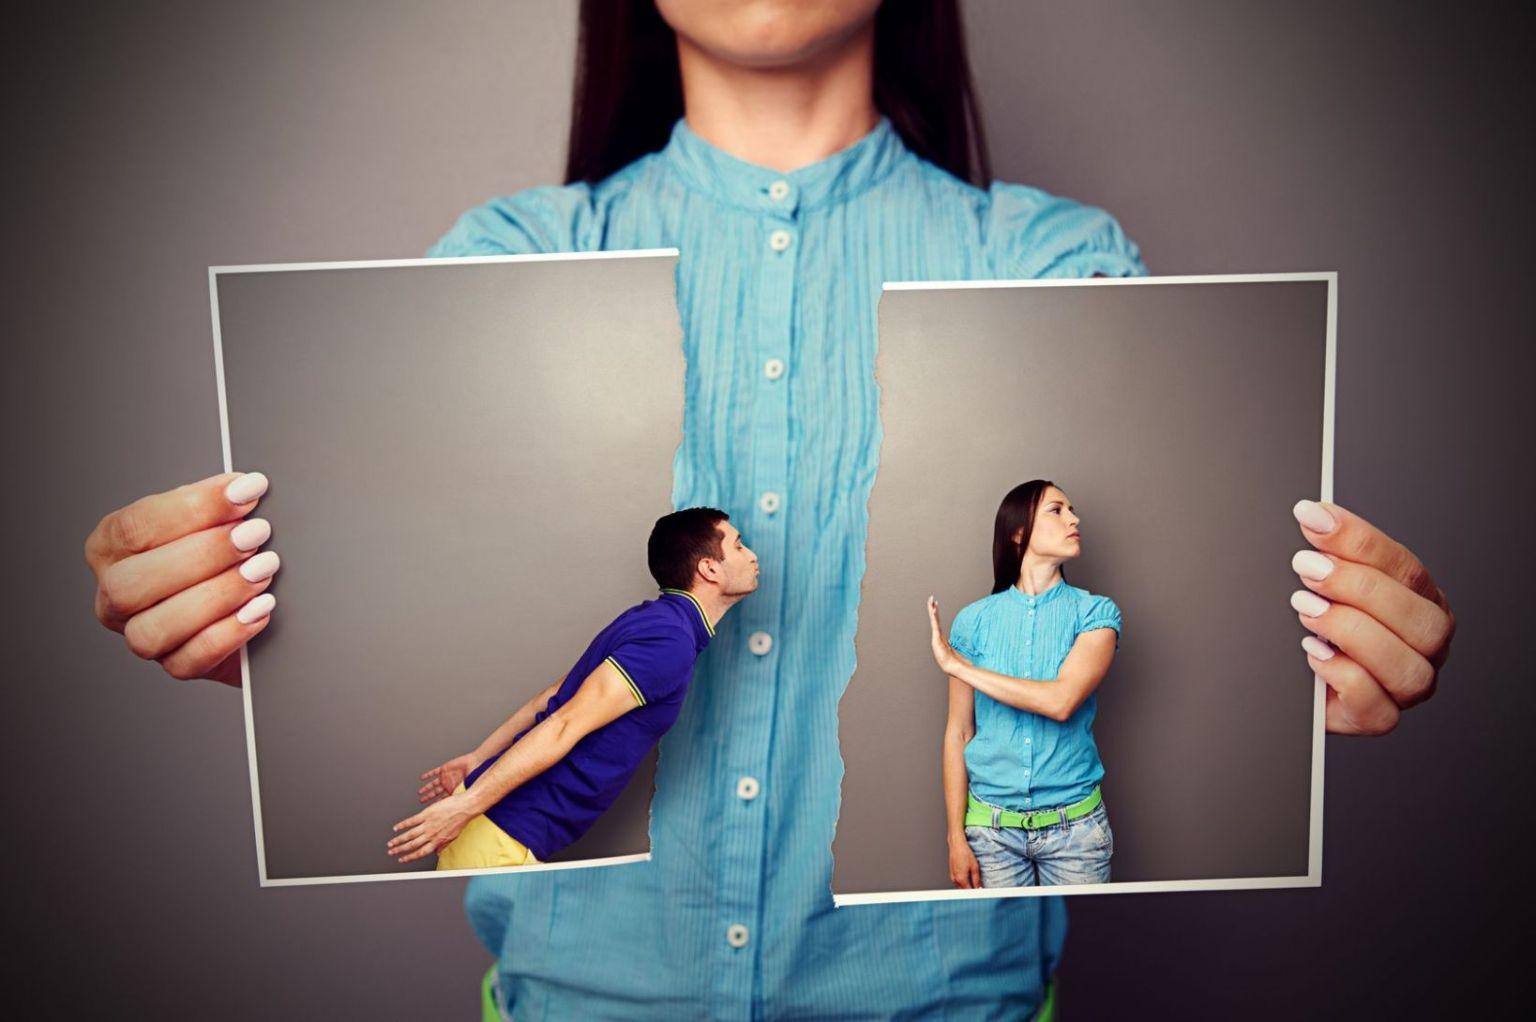 復縁を繰り返すカップルの5つの特徴!なぜ別れた恋人とやり直すのか?